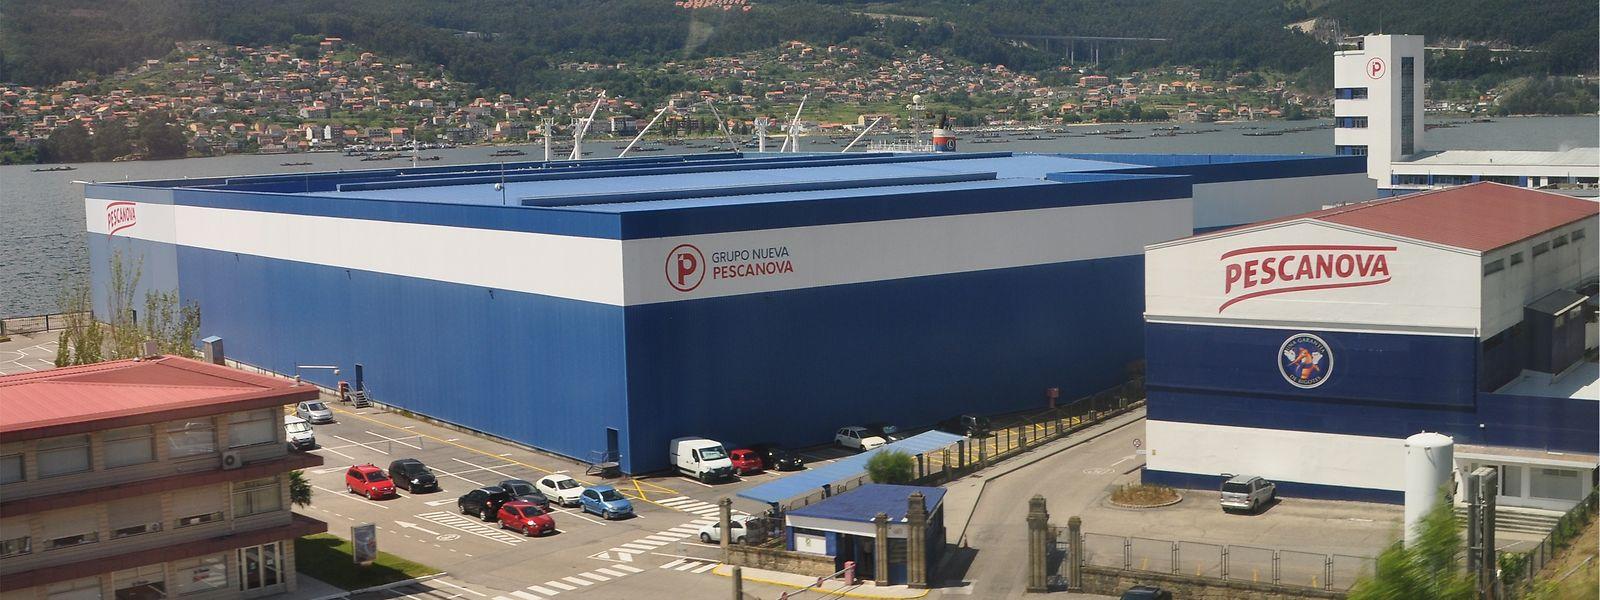 Luxempart-Aktien von Pescanova in Millionenhöhe – doch das spanische Unternehmen hatte seine Bilanzen gefälscht.